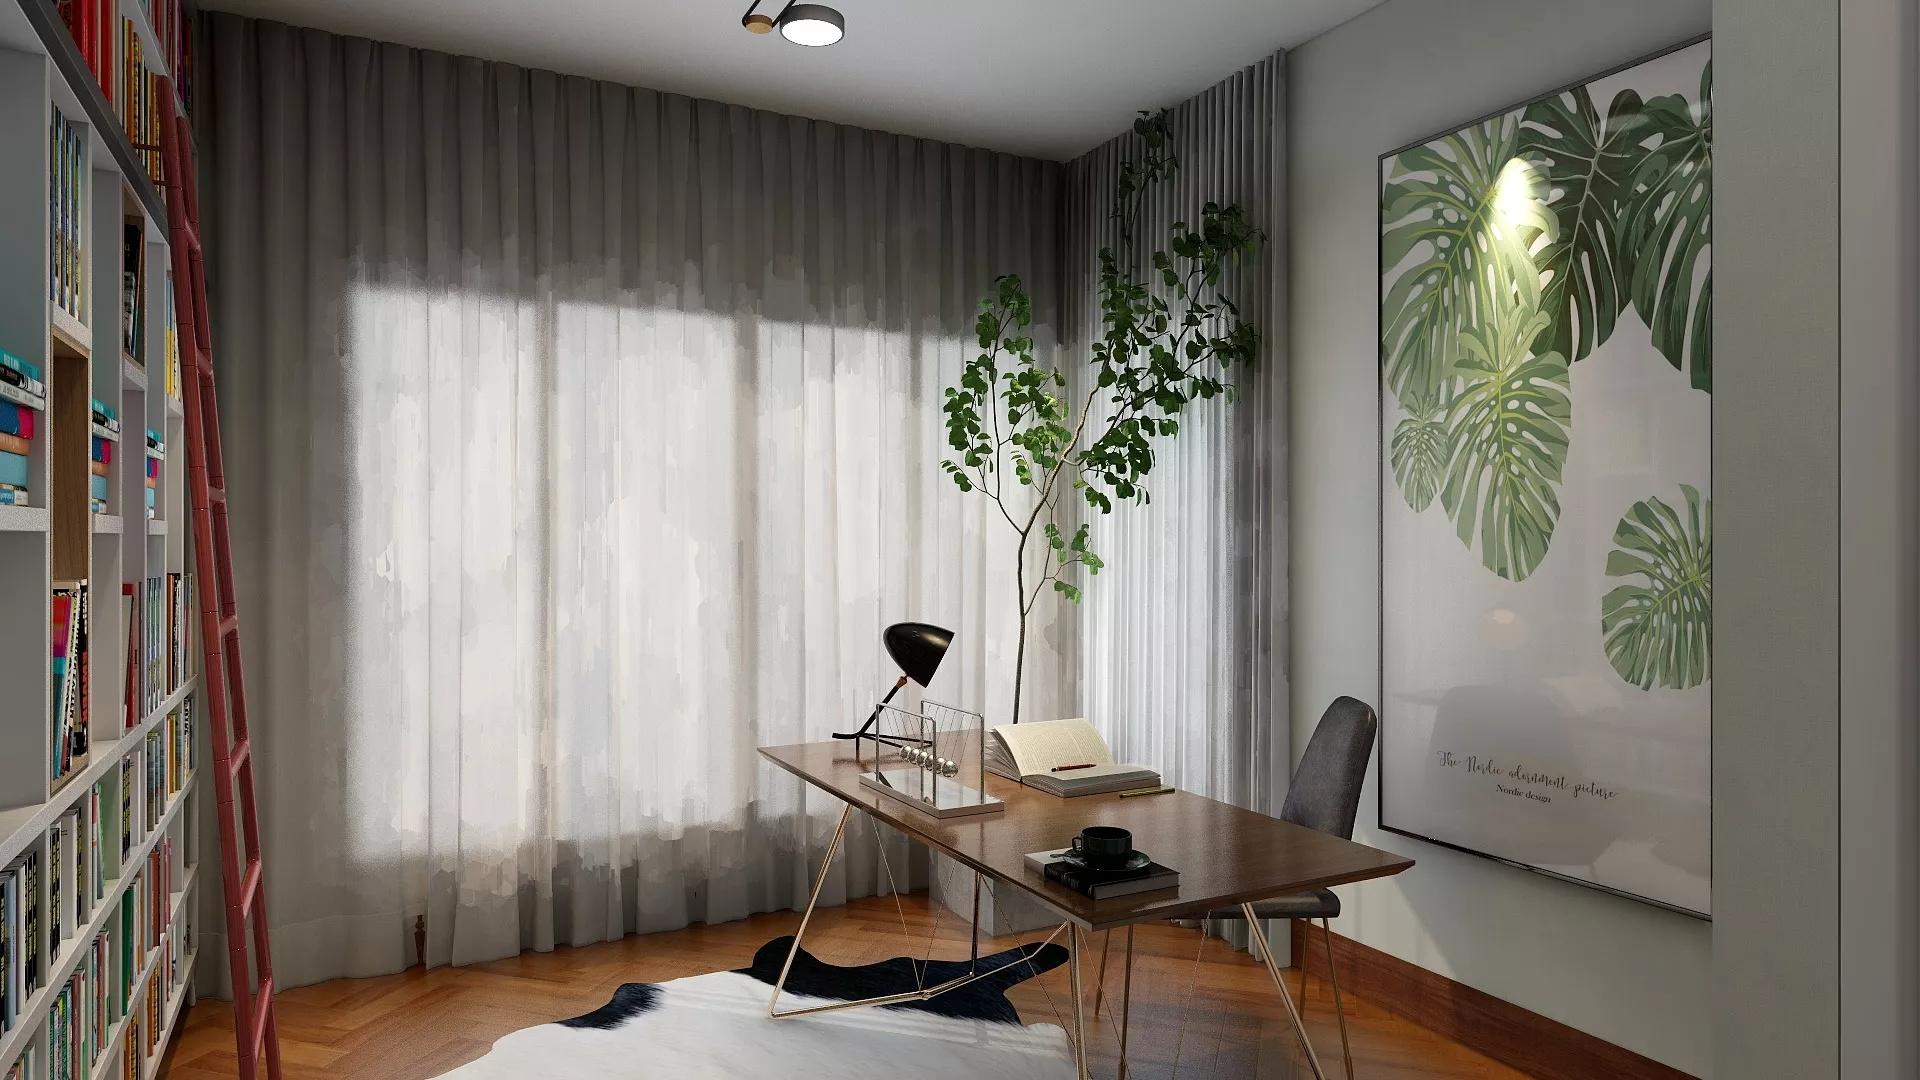 客厅电视背景墙要怎么设计 2018最新客厅电视背景墙装修设计效果图